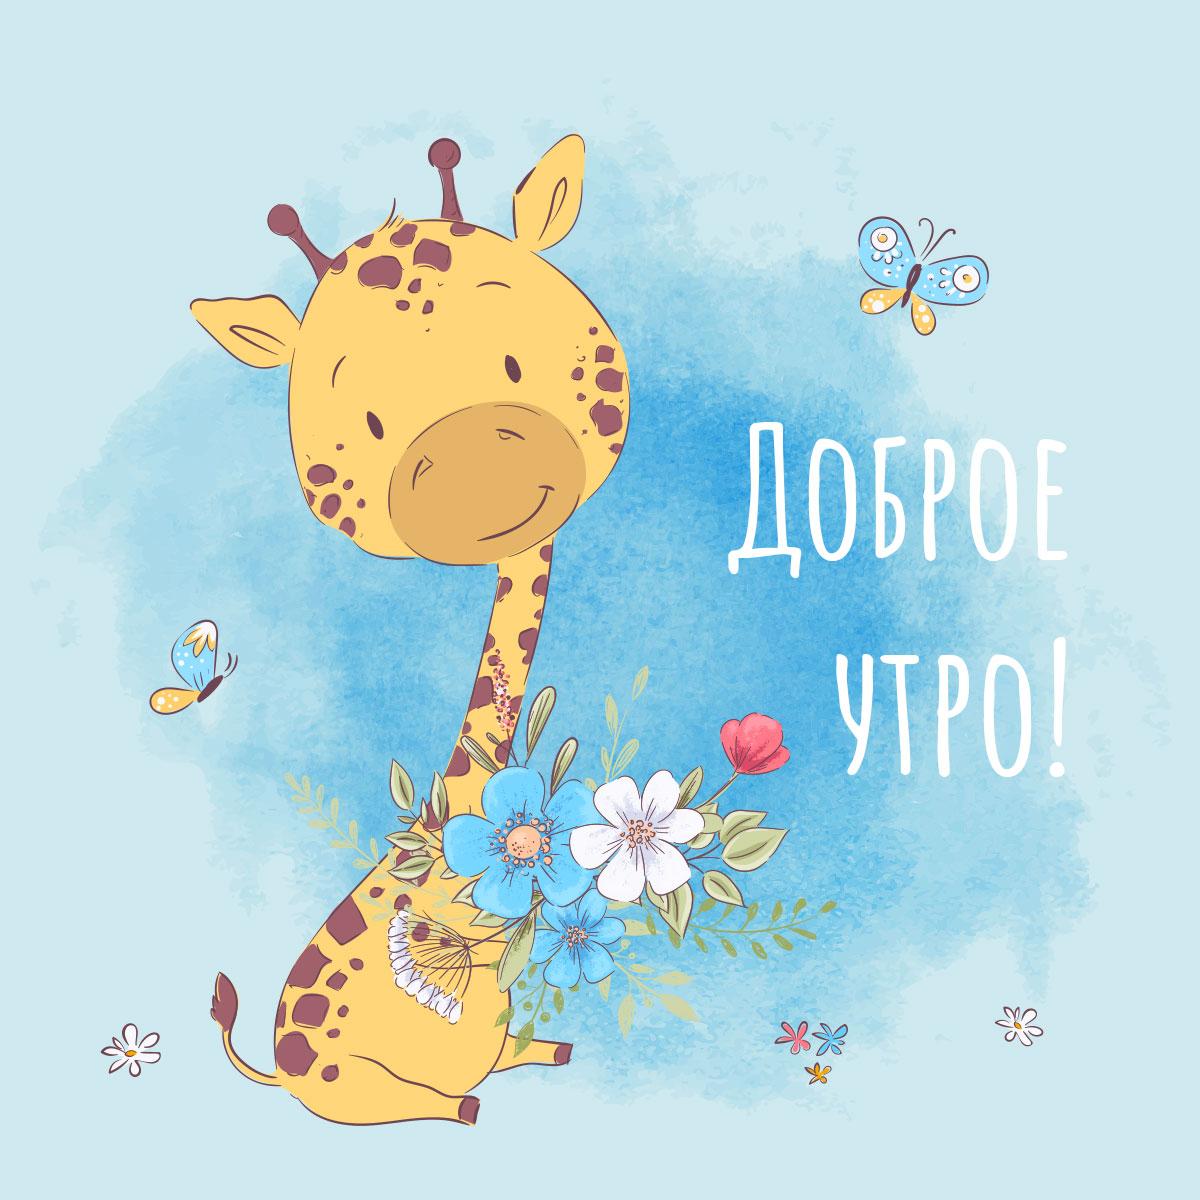 Жёлтый жираф с букетом цветов и бабочками желает провести доброе утро.